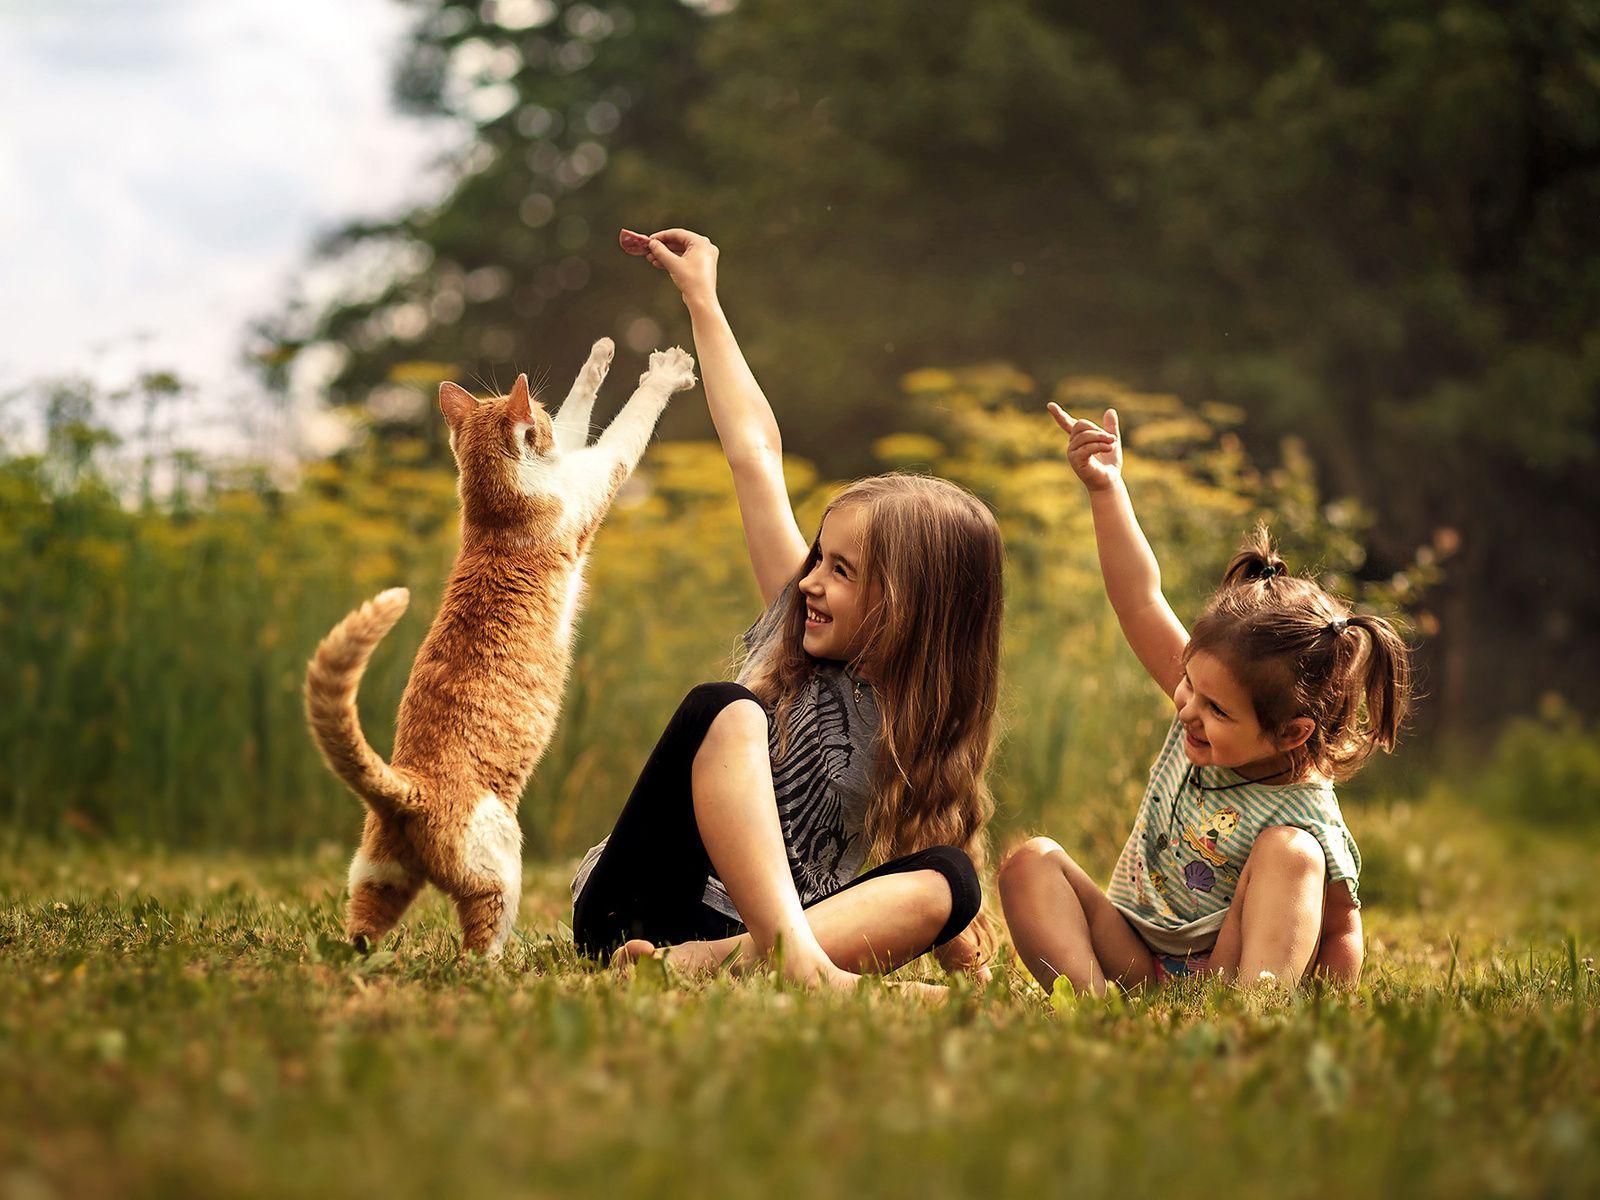 enfermedad-por-arañazo-de-gato